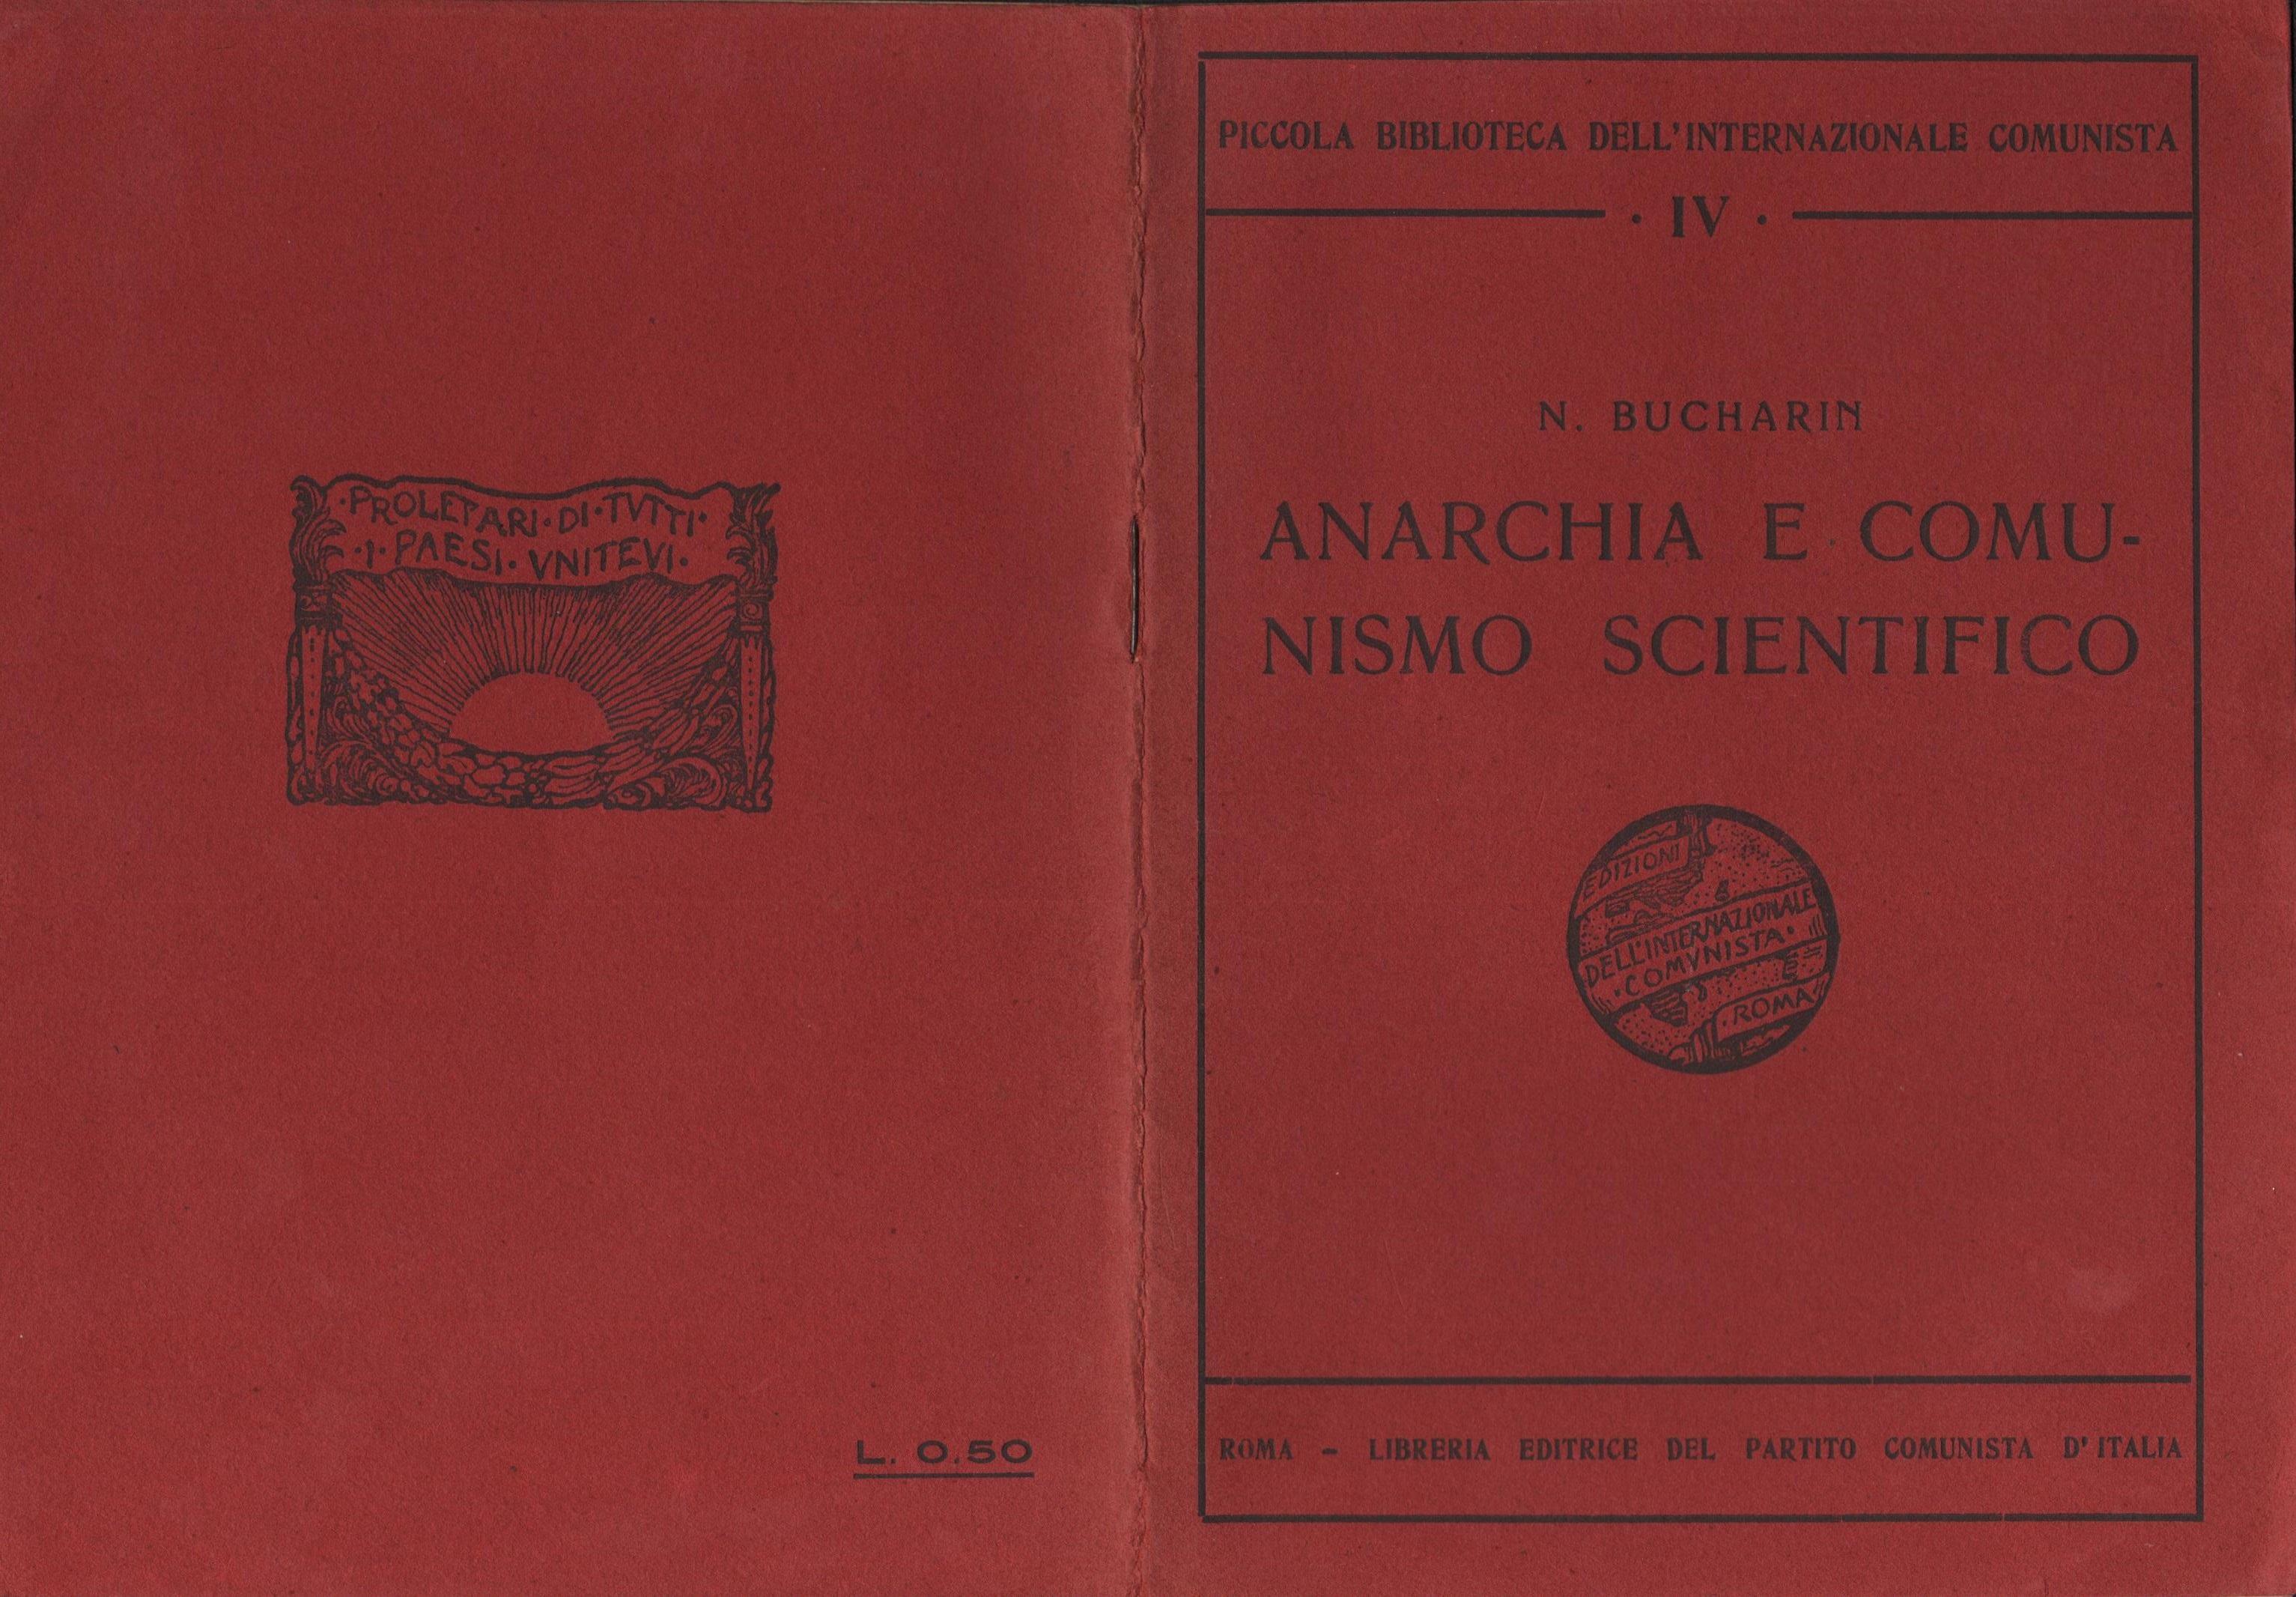 Anarchia e comunismo scientifico - Pag. 1